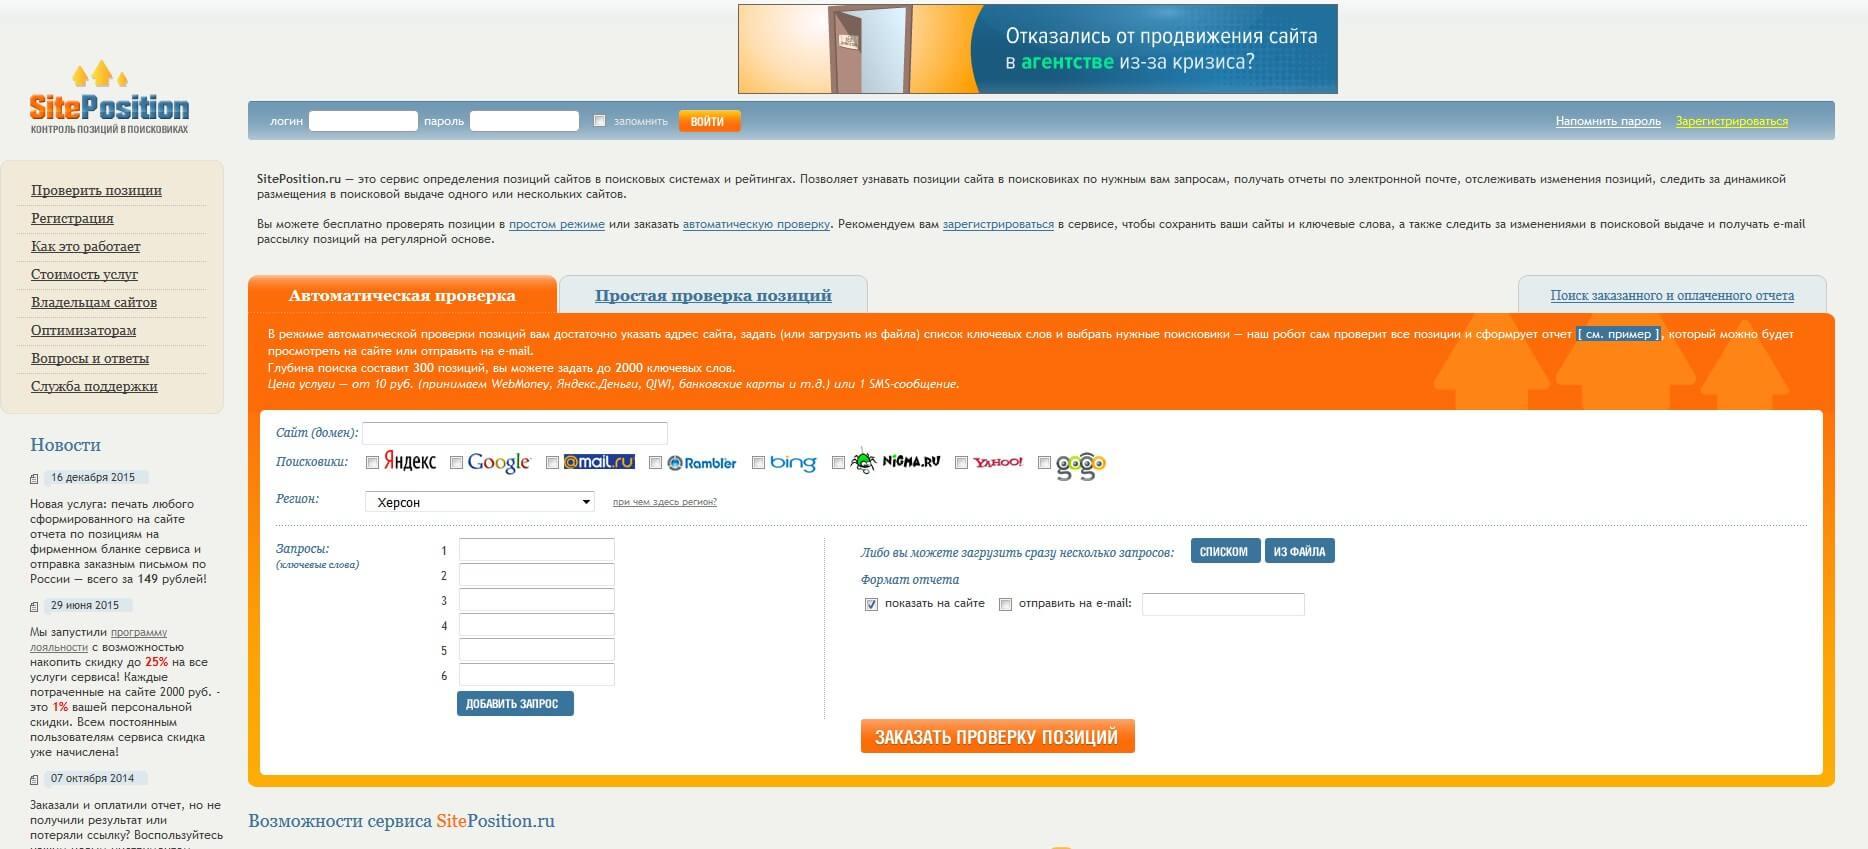 Сервис проверки позиций SitePosition